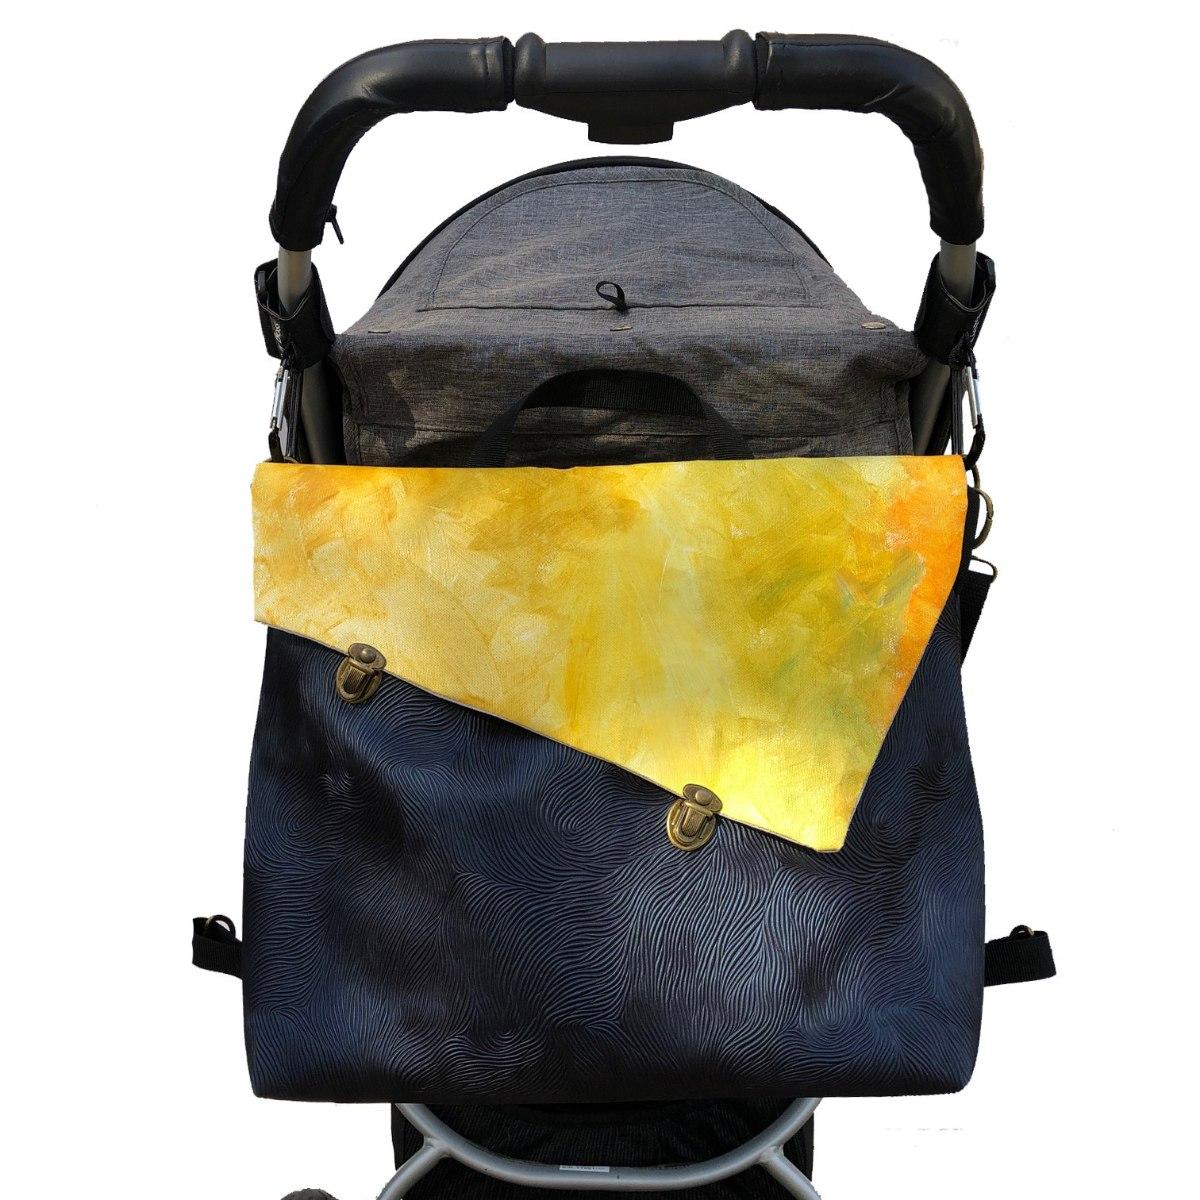 תיק עגלה, לאם ולילד, תיק החתלה כחול חלק וצהוב